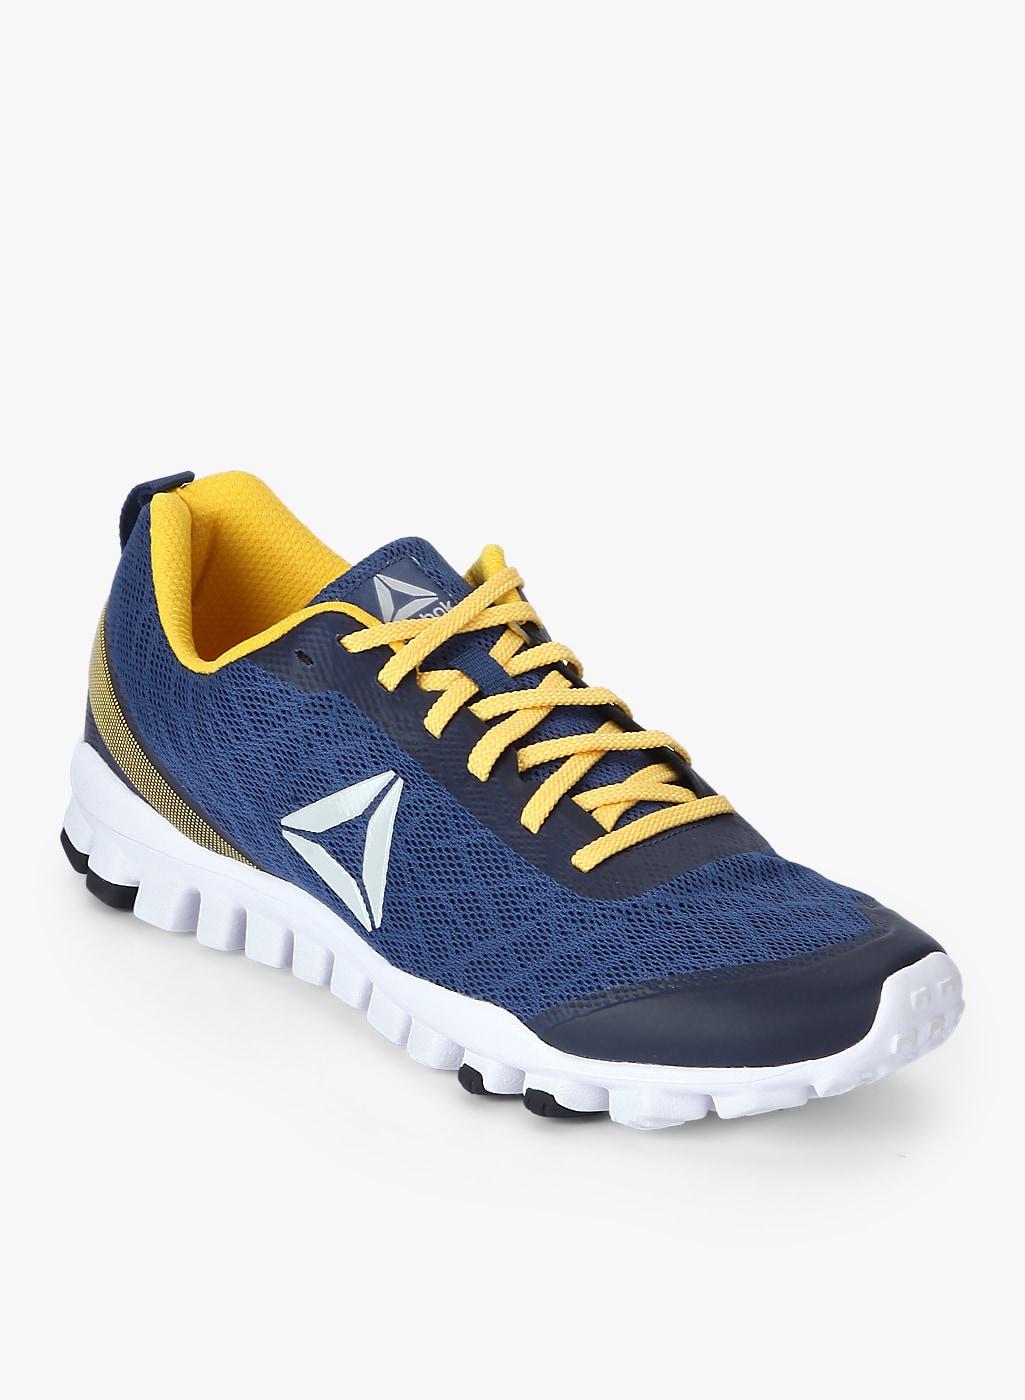 48ff090829aee Reebok Shoes - Buy Reebok Shoes For Men   Women Online